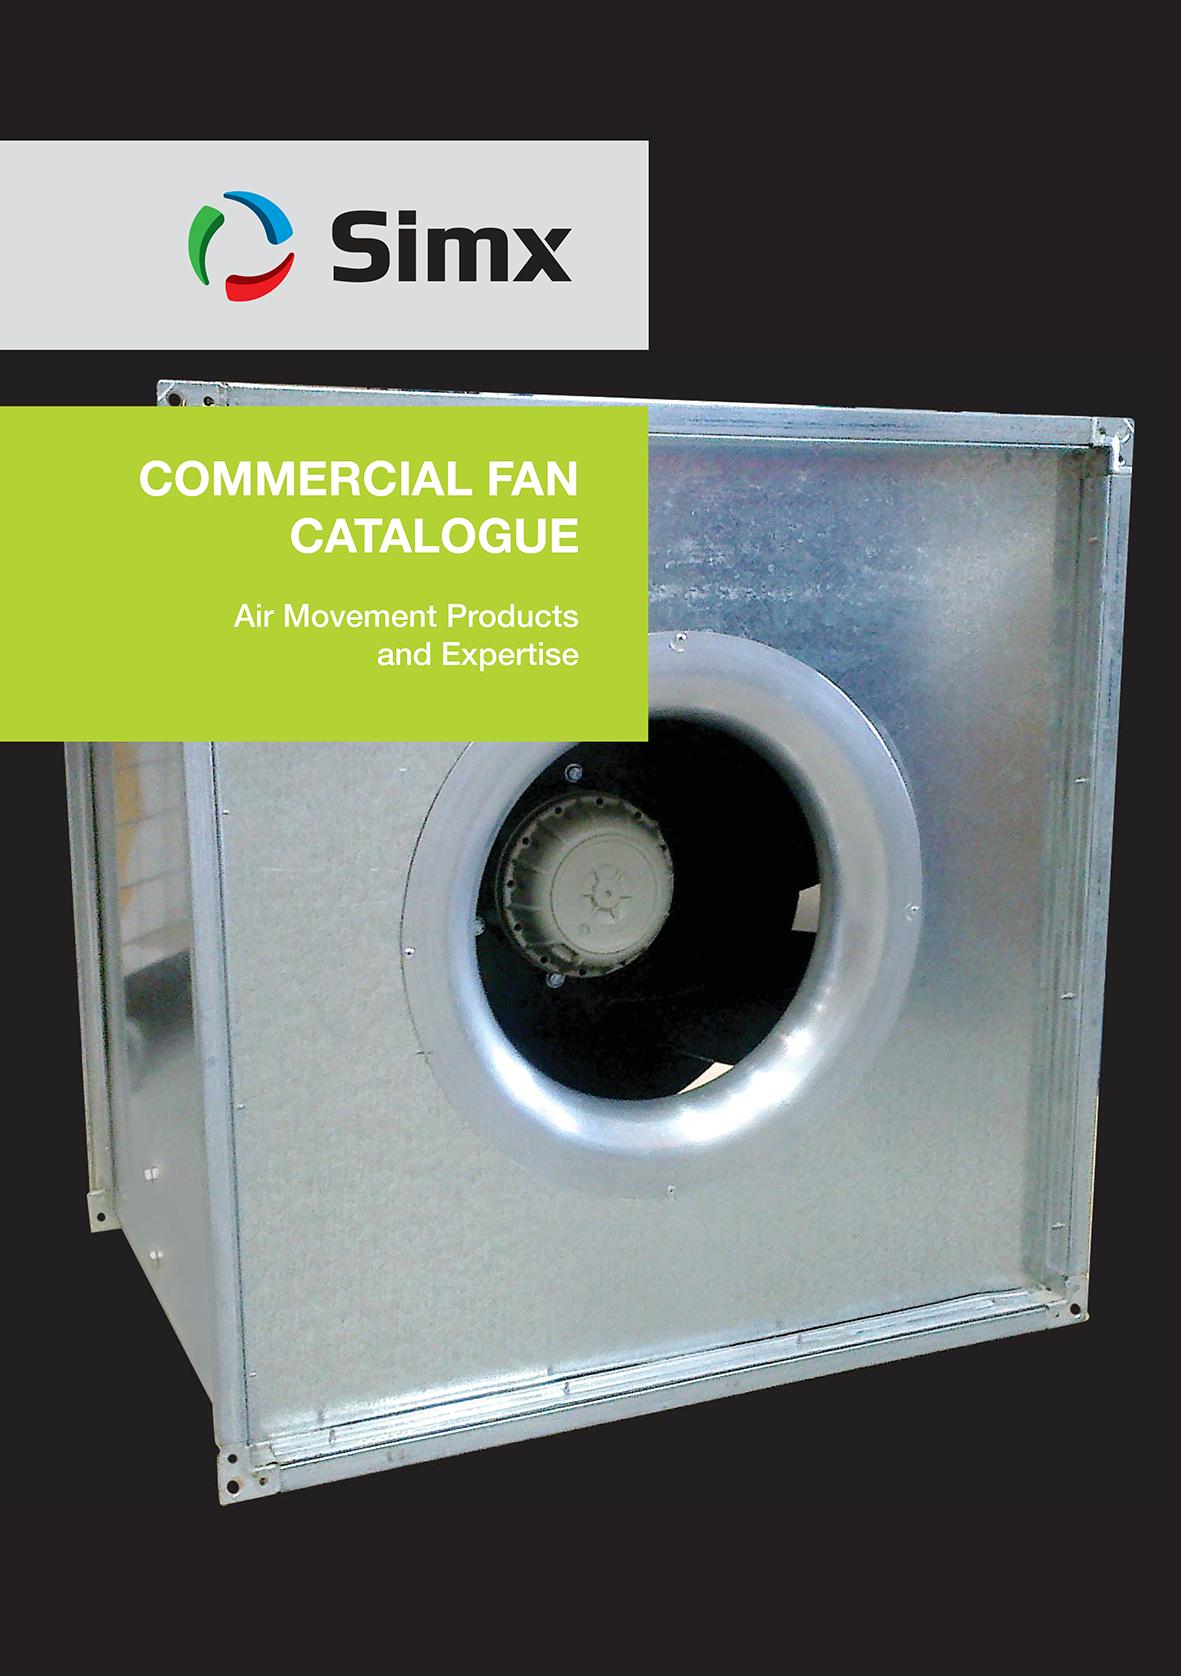 Commercial Fan Catalogue